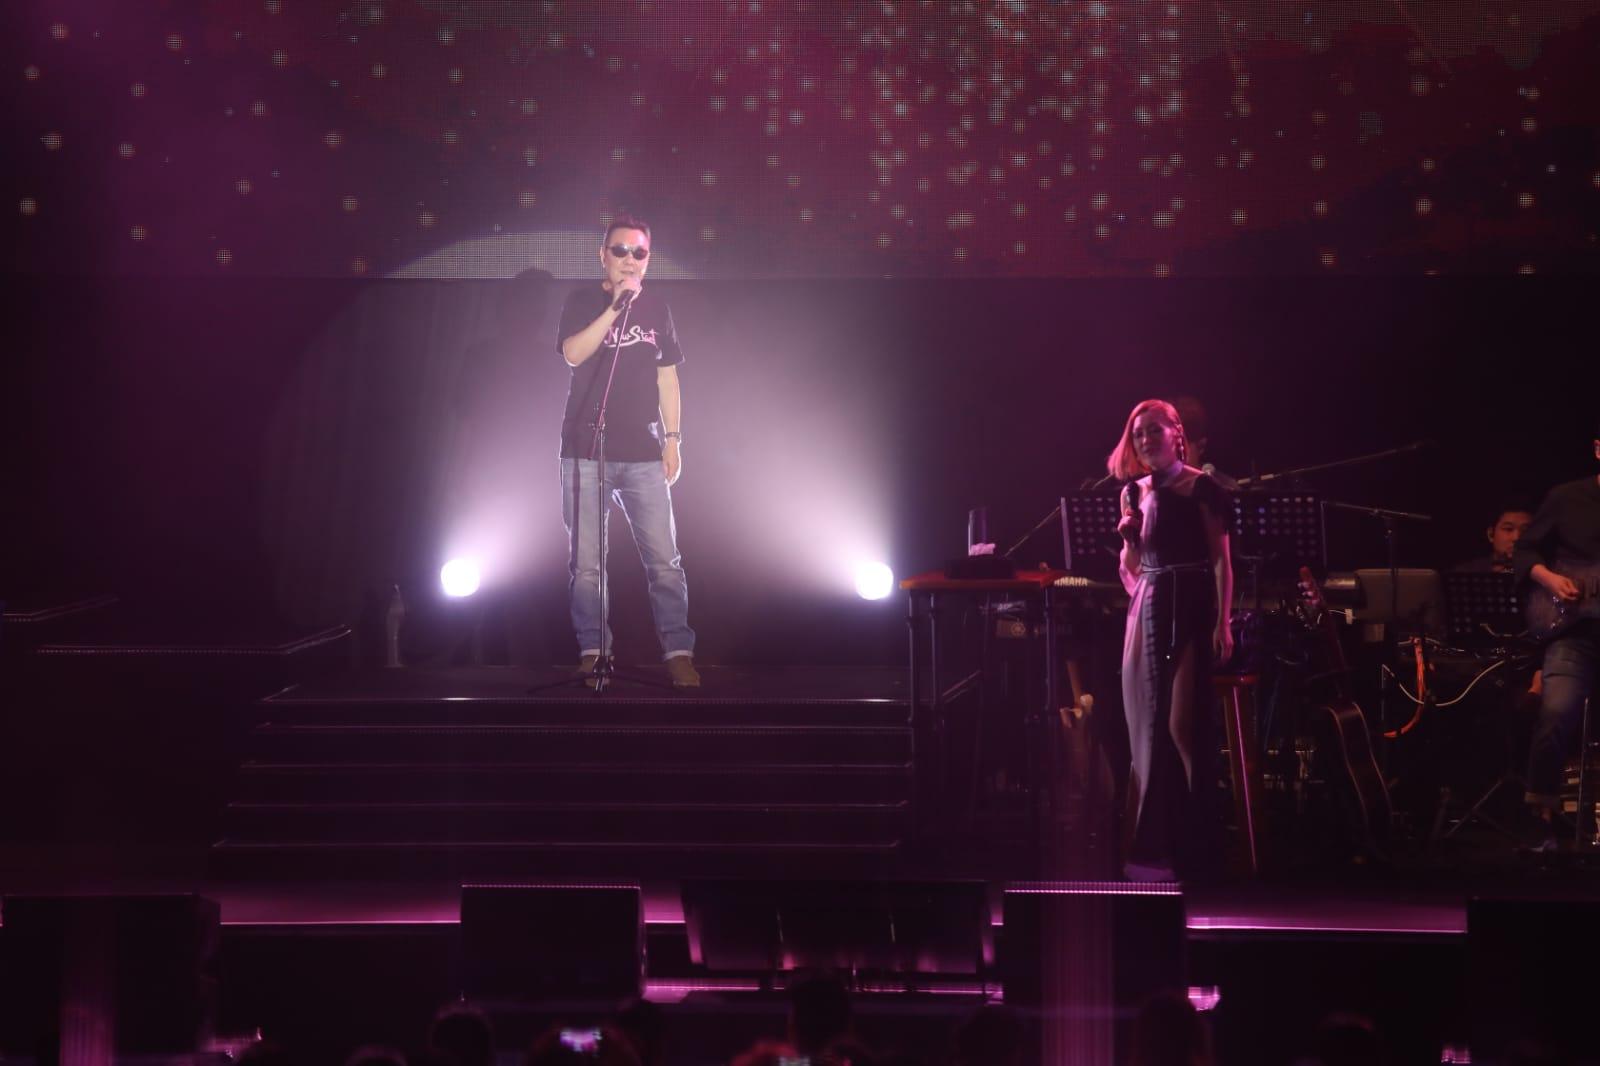 田爸爸一身T恤、牛仔褲戴黑超打頭陣獻唱。